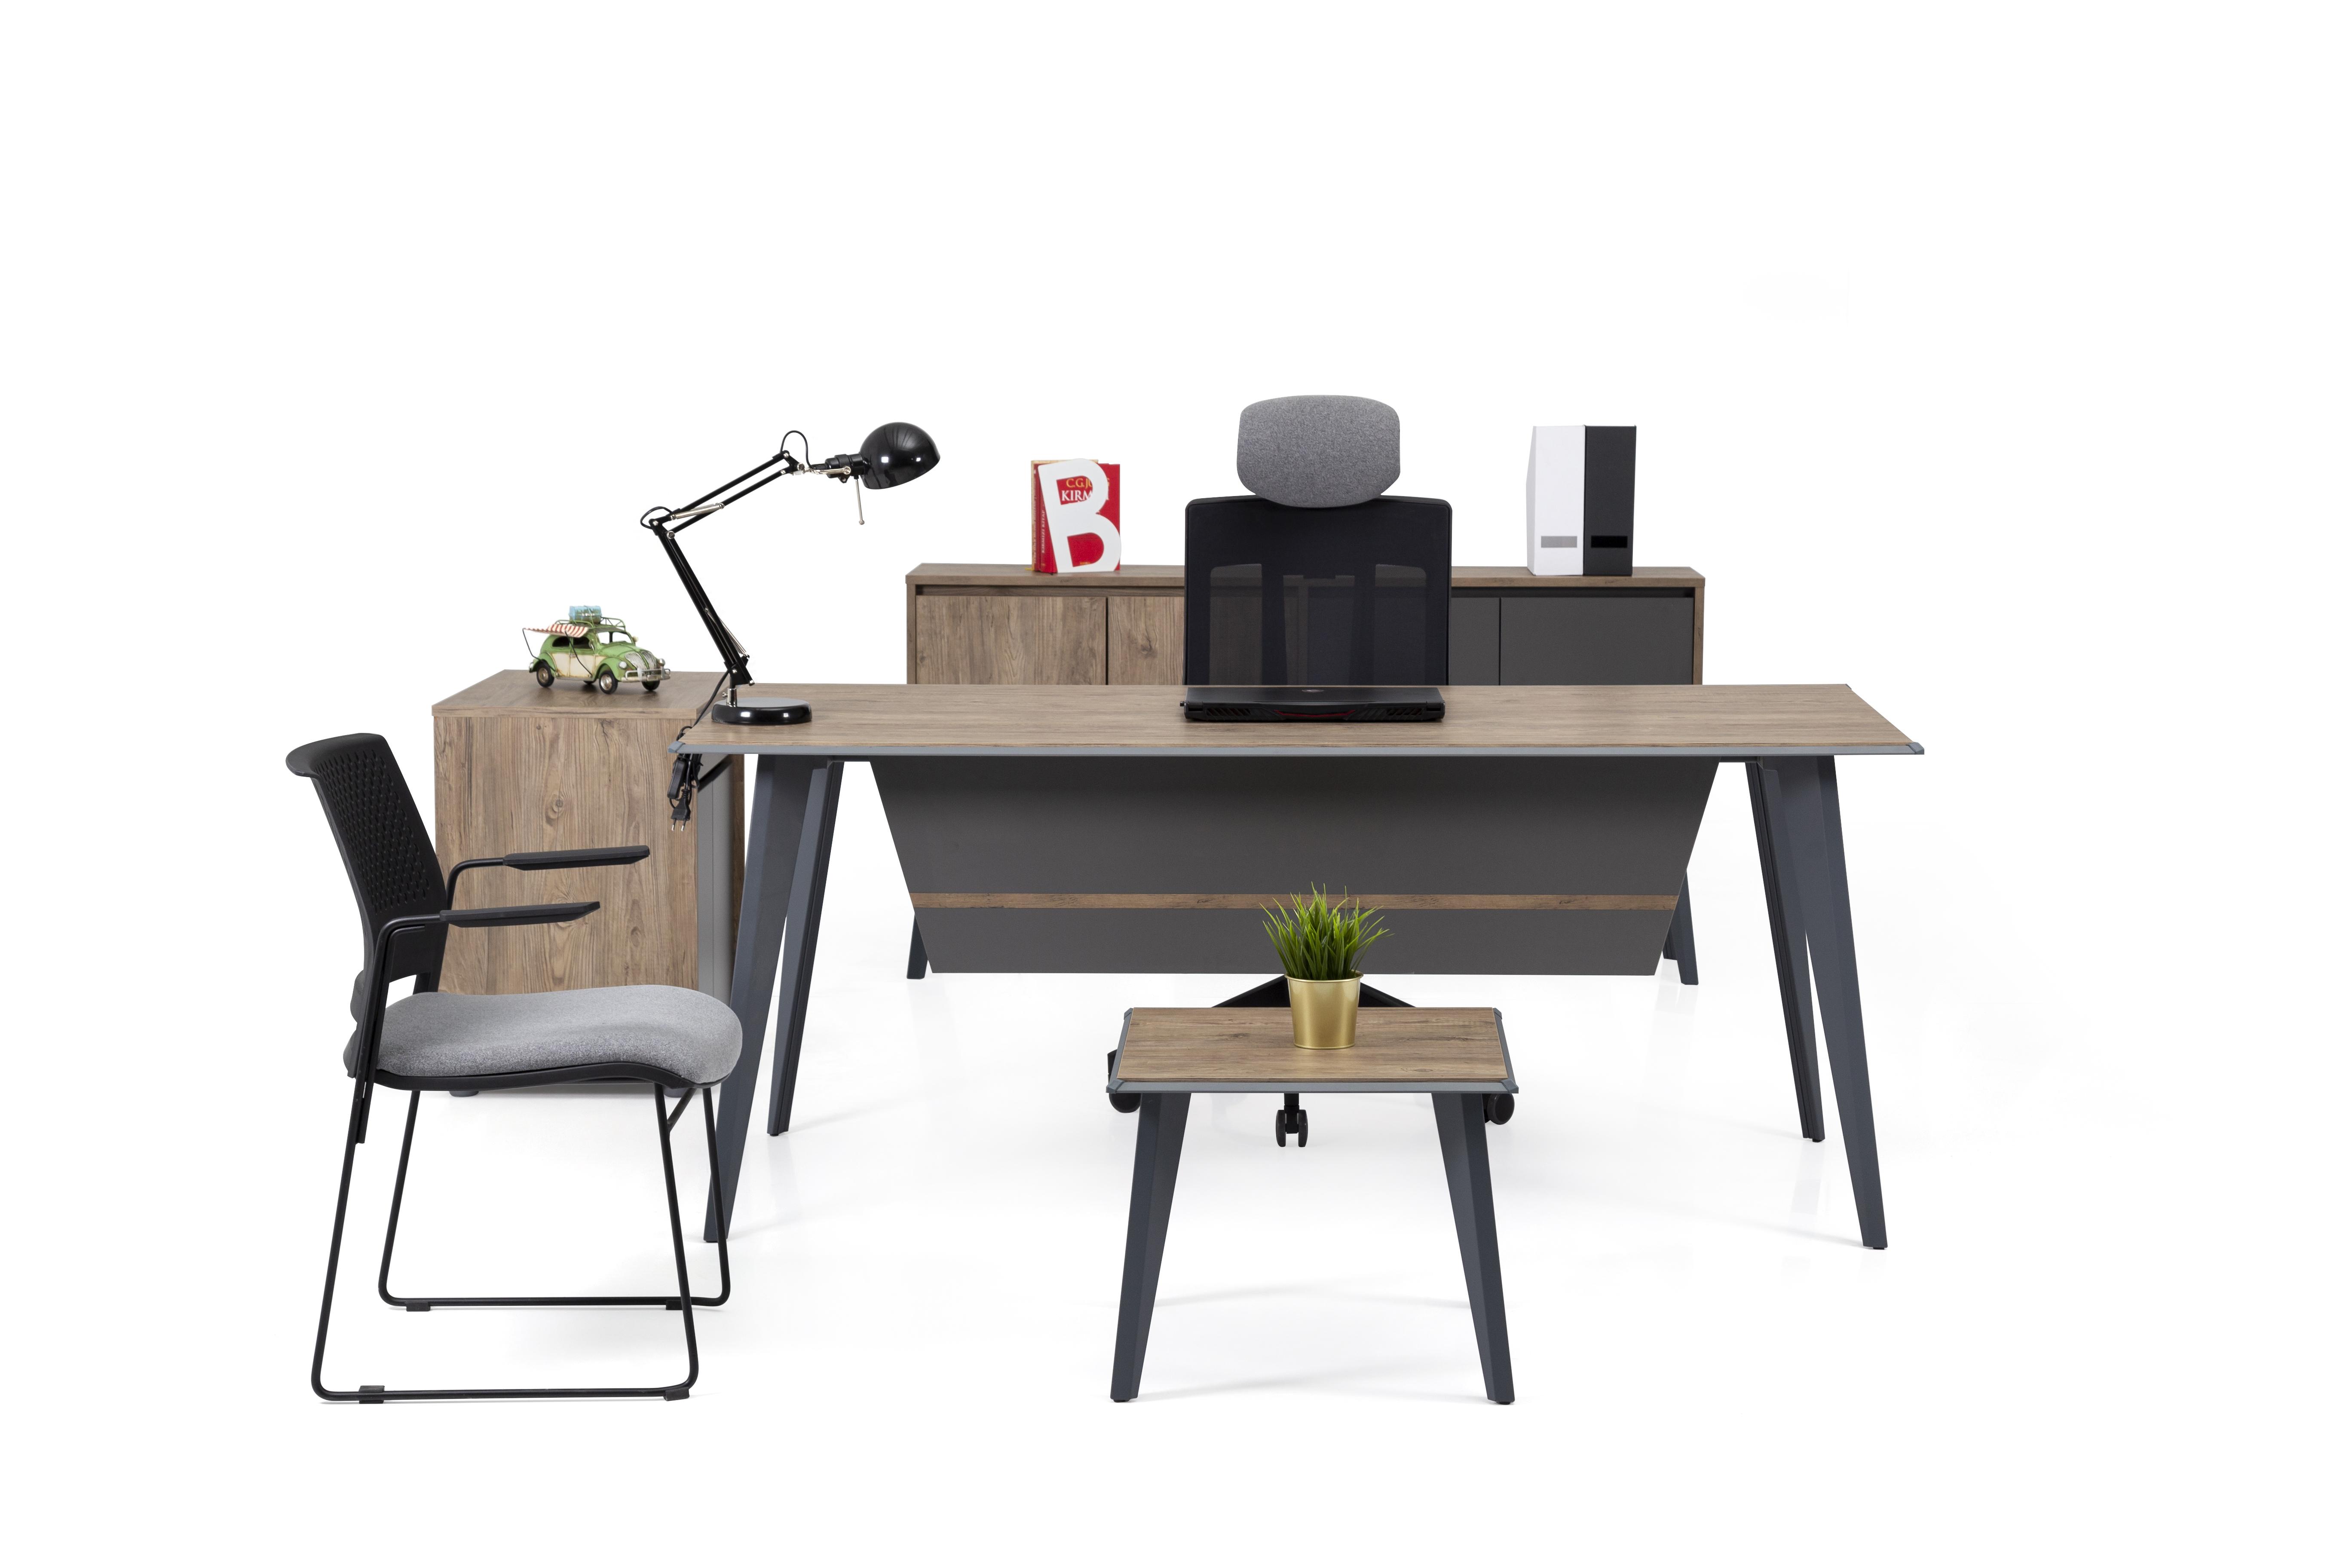 Ovali Büromöbel komplett 4-teilig Eco Grau 140x80 cm